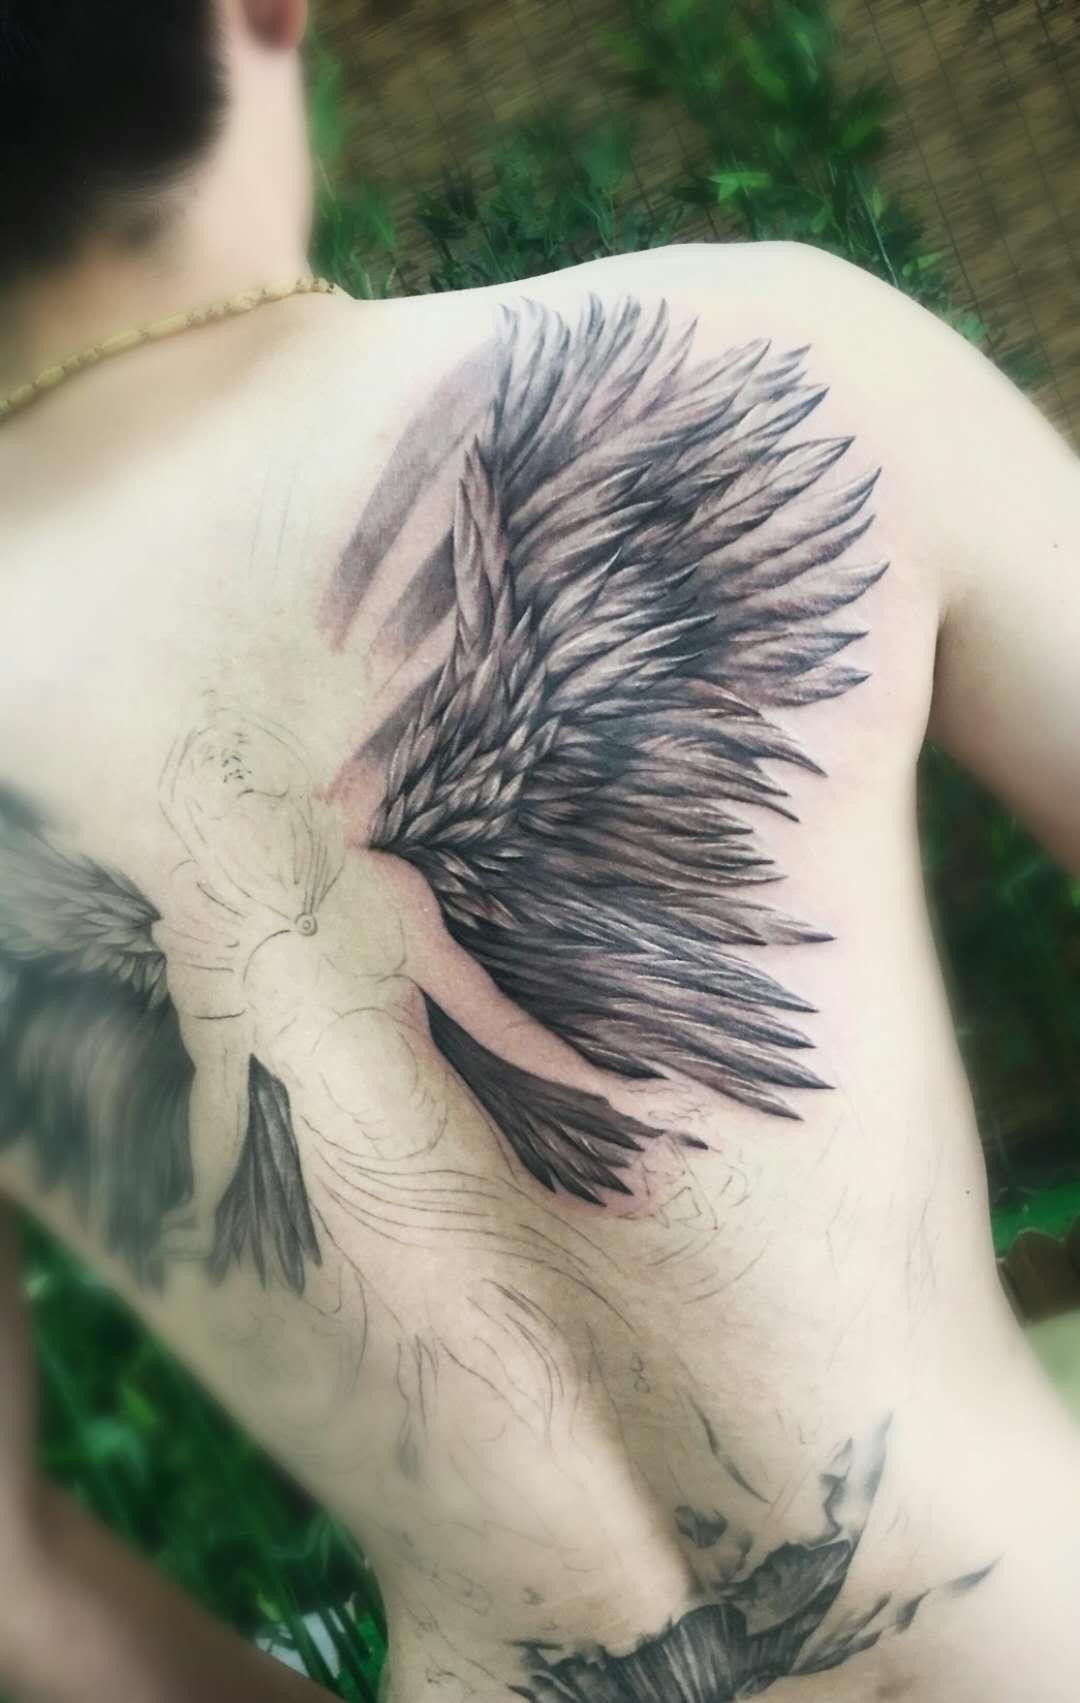 满背堕落天使纹身图案